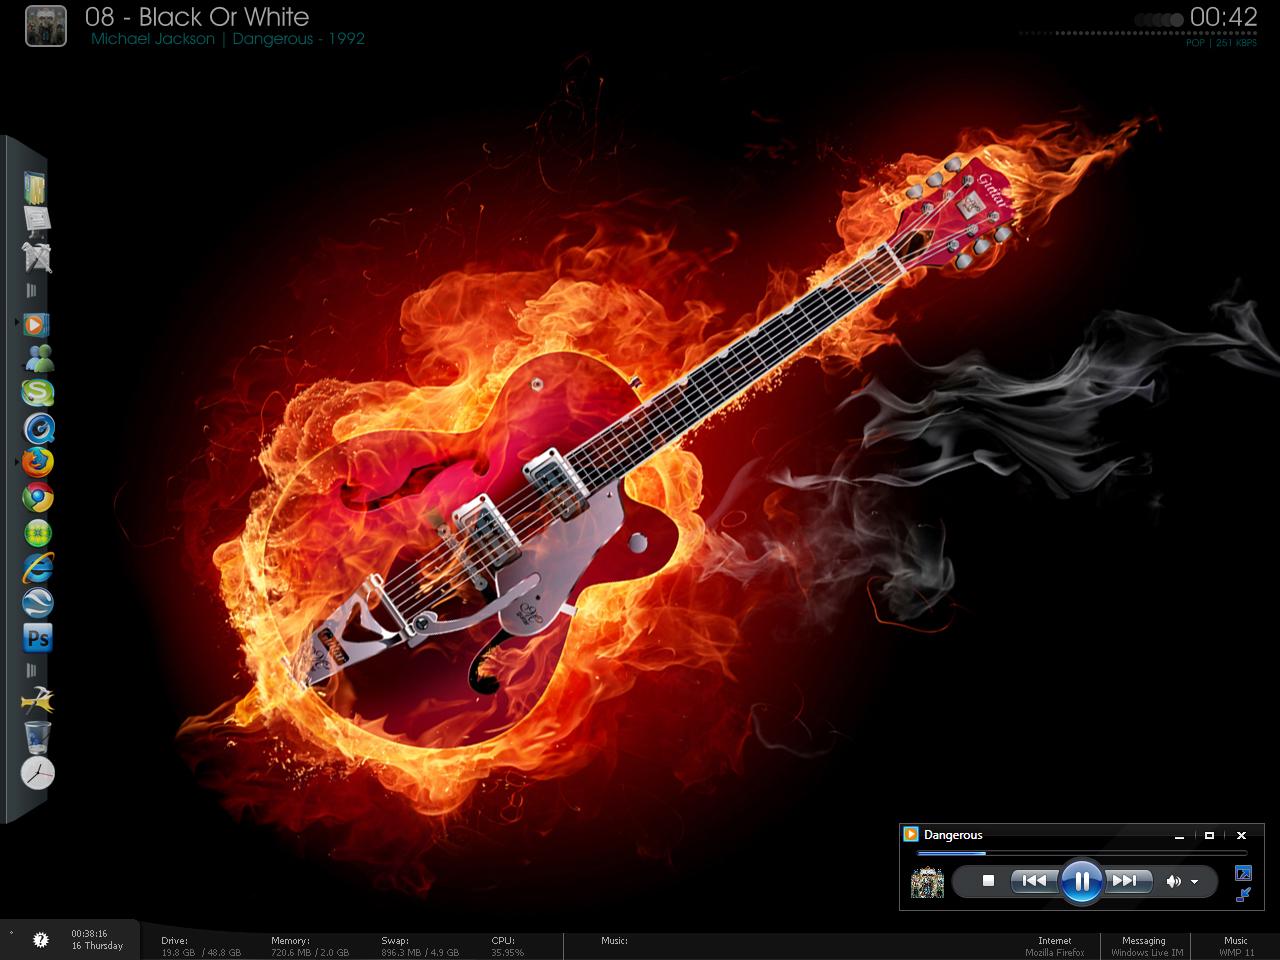 Flaming Guitars Digital Art Hd Wallpaper: Pin Flaming Guitar Fire 1680x1050 Hd Wallpaper Jootix